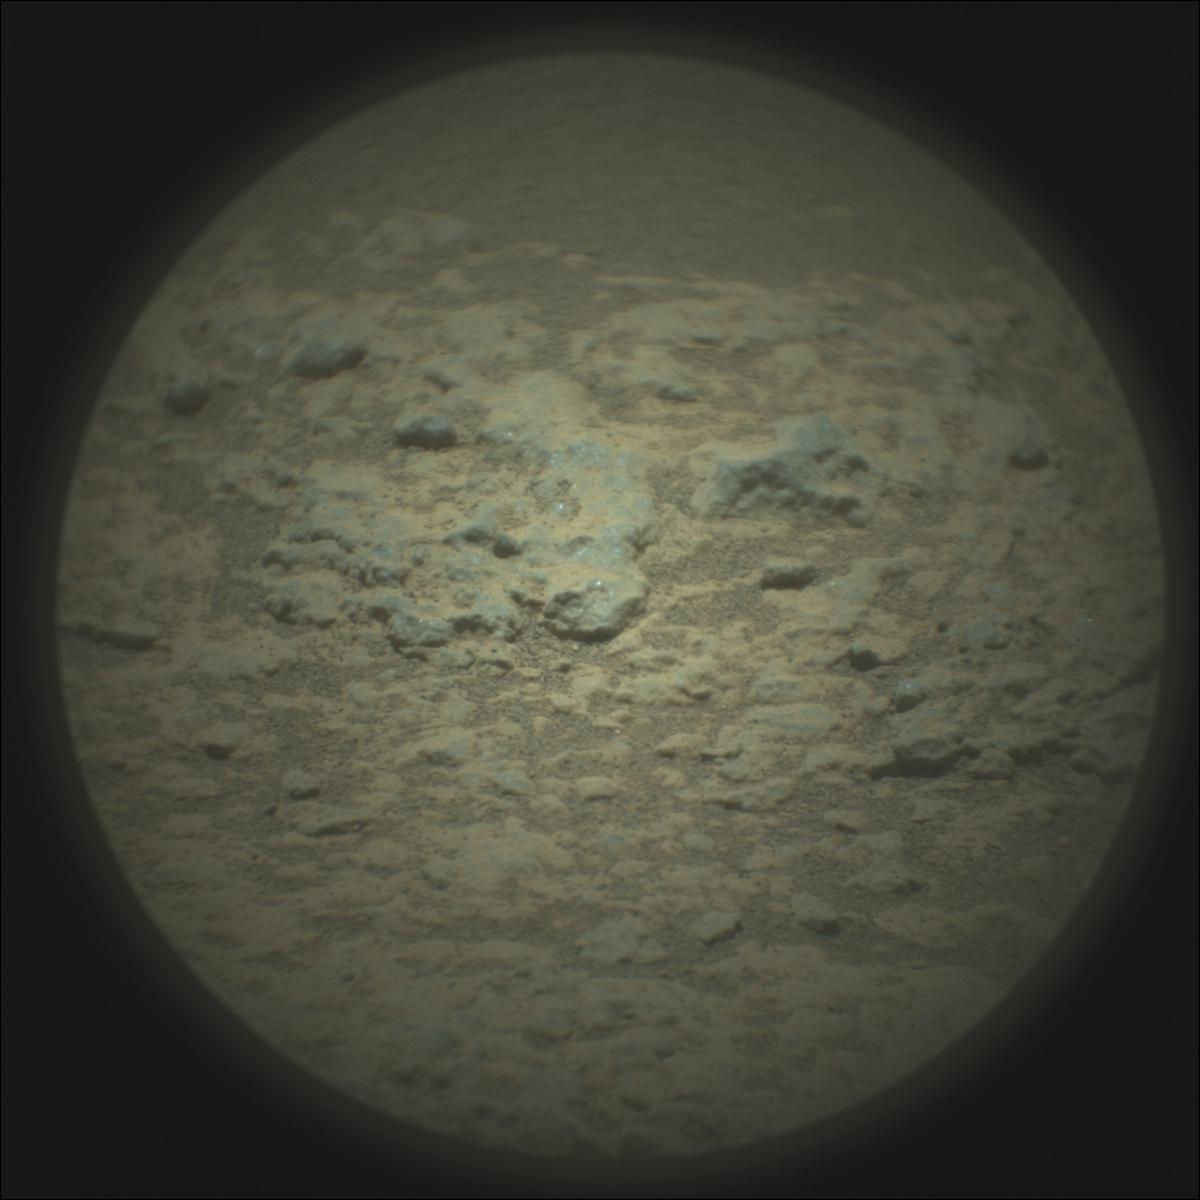 Mars Rover Photo #865416